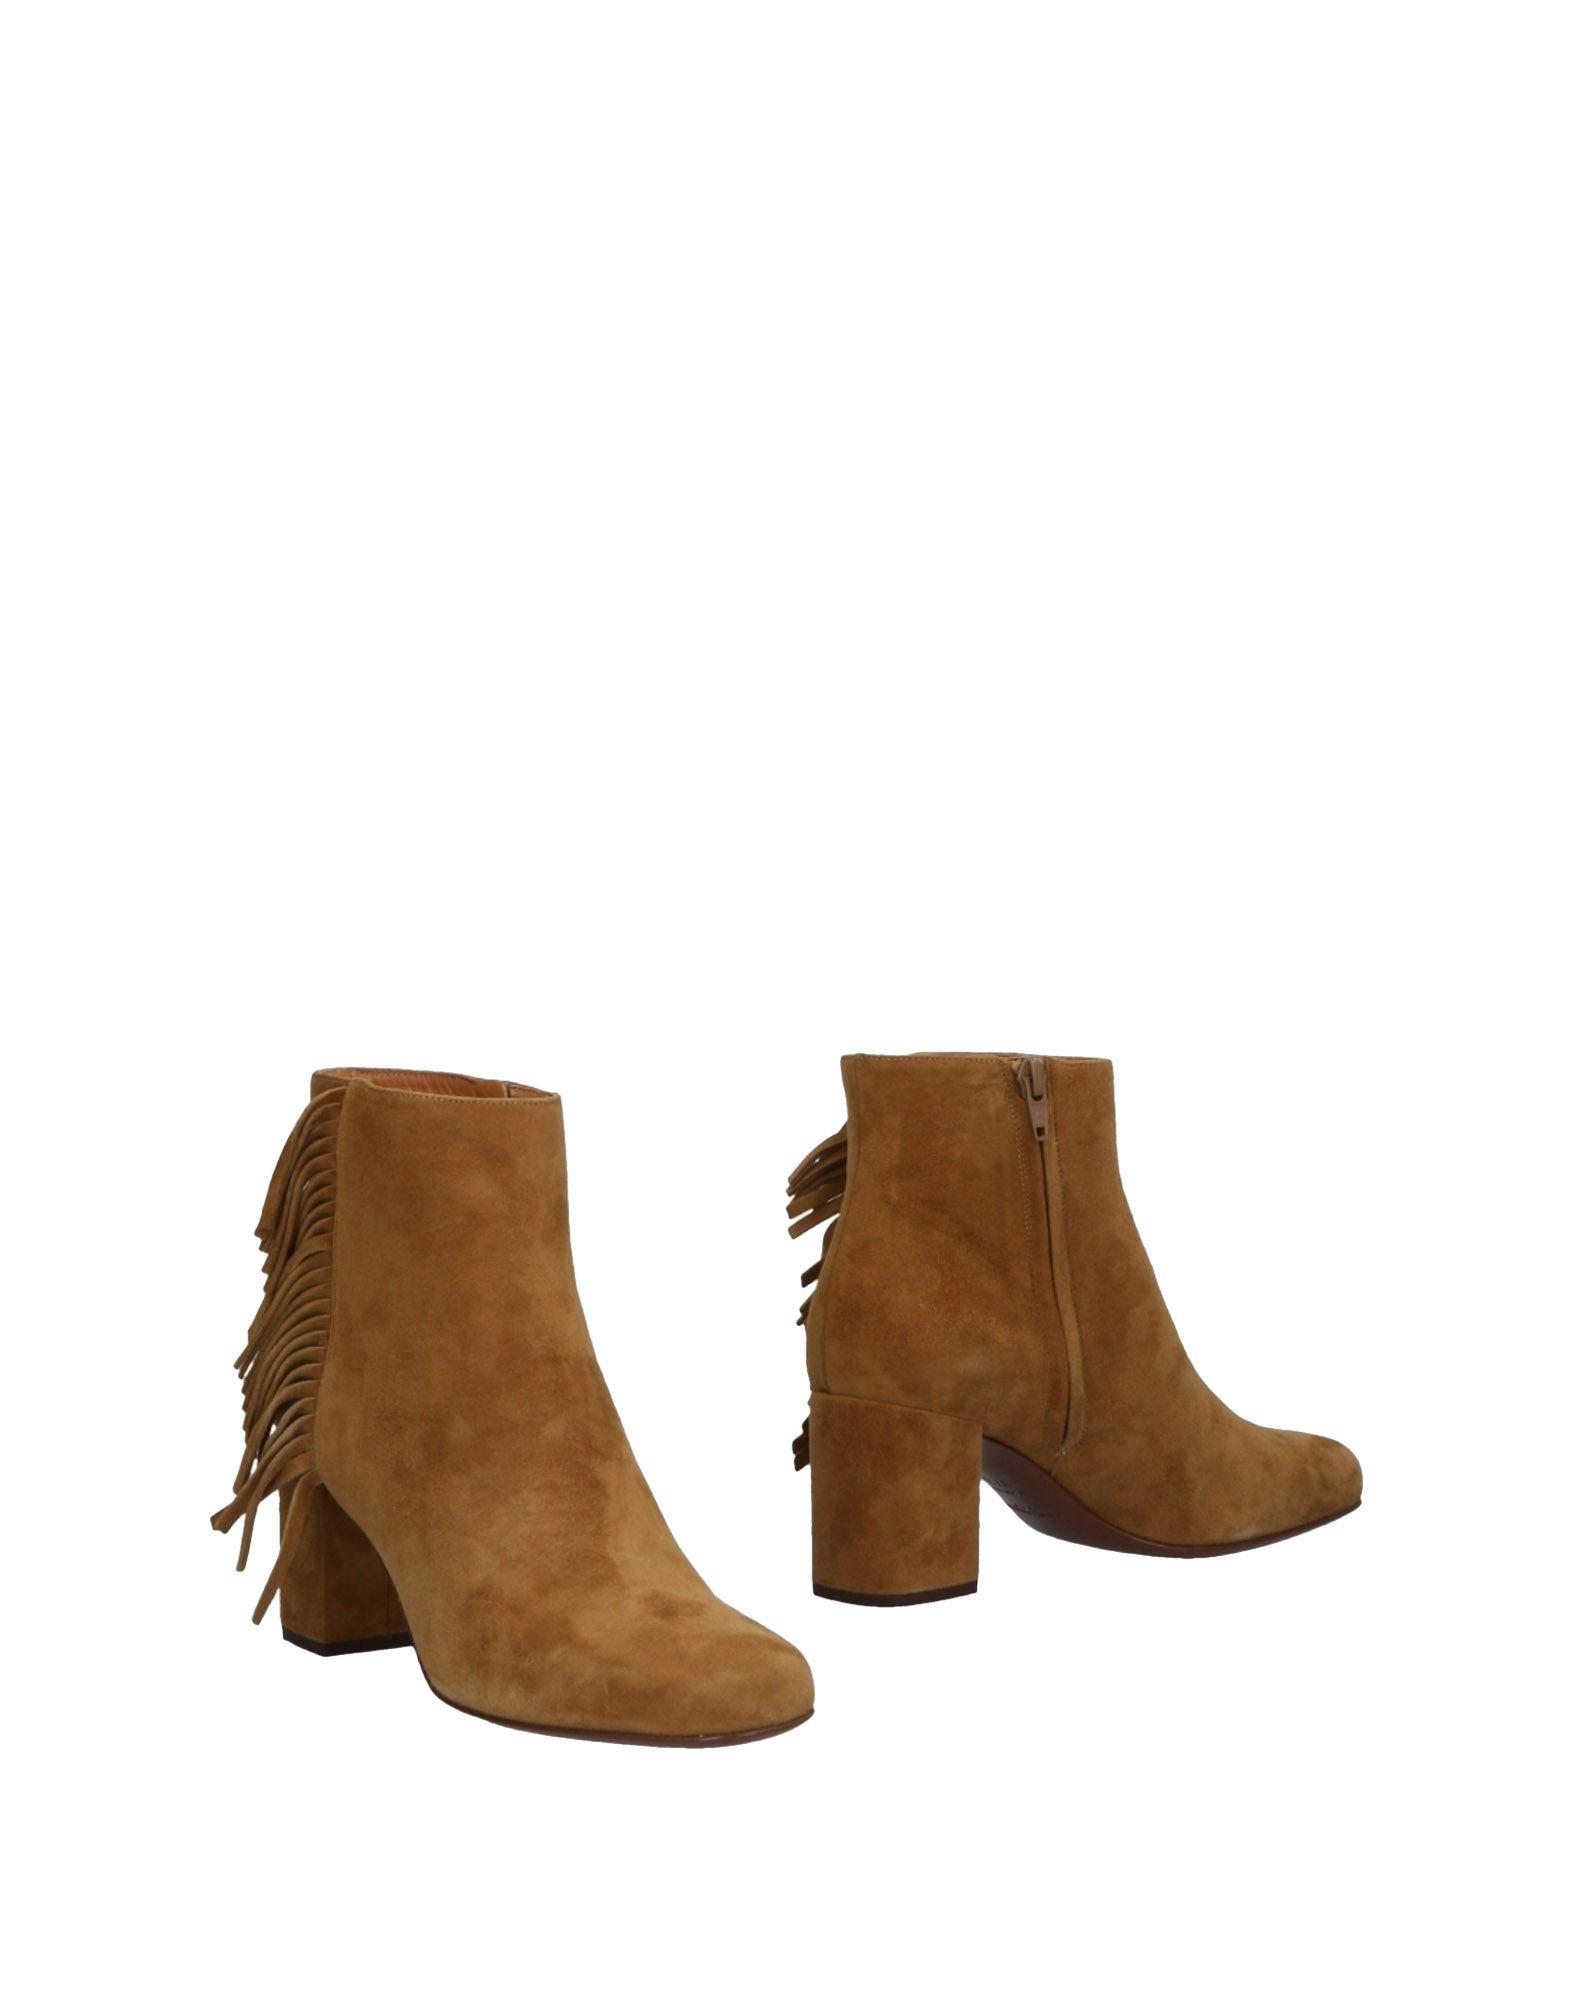 Saint Laurent Stiefelette Damen Schuhe  11477319MCGünstige gut aussehende Schuhe Damen 8b7059